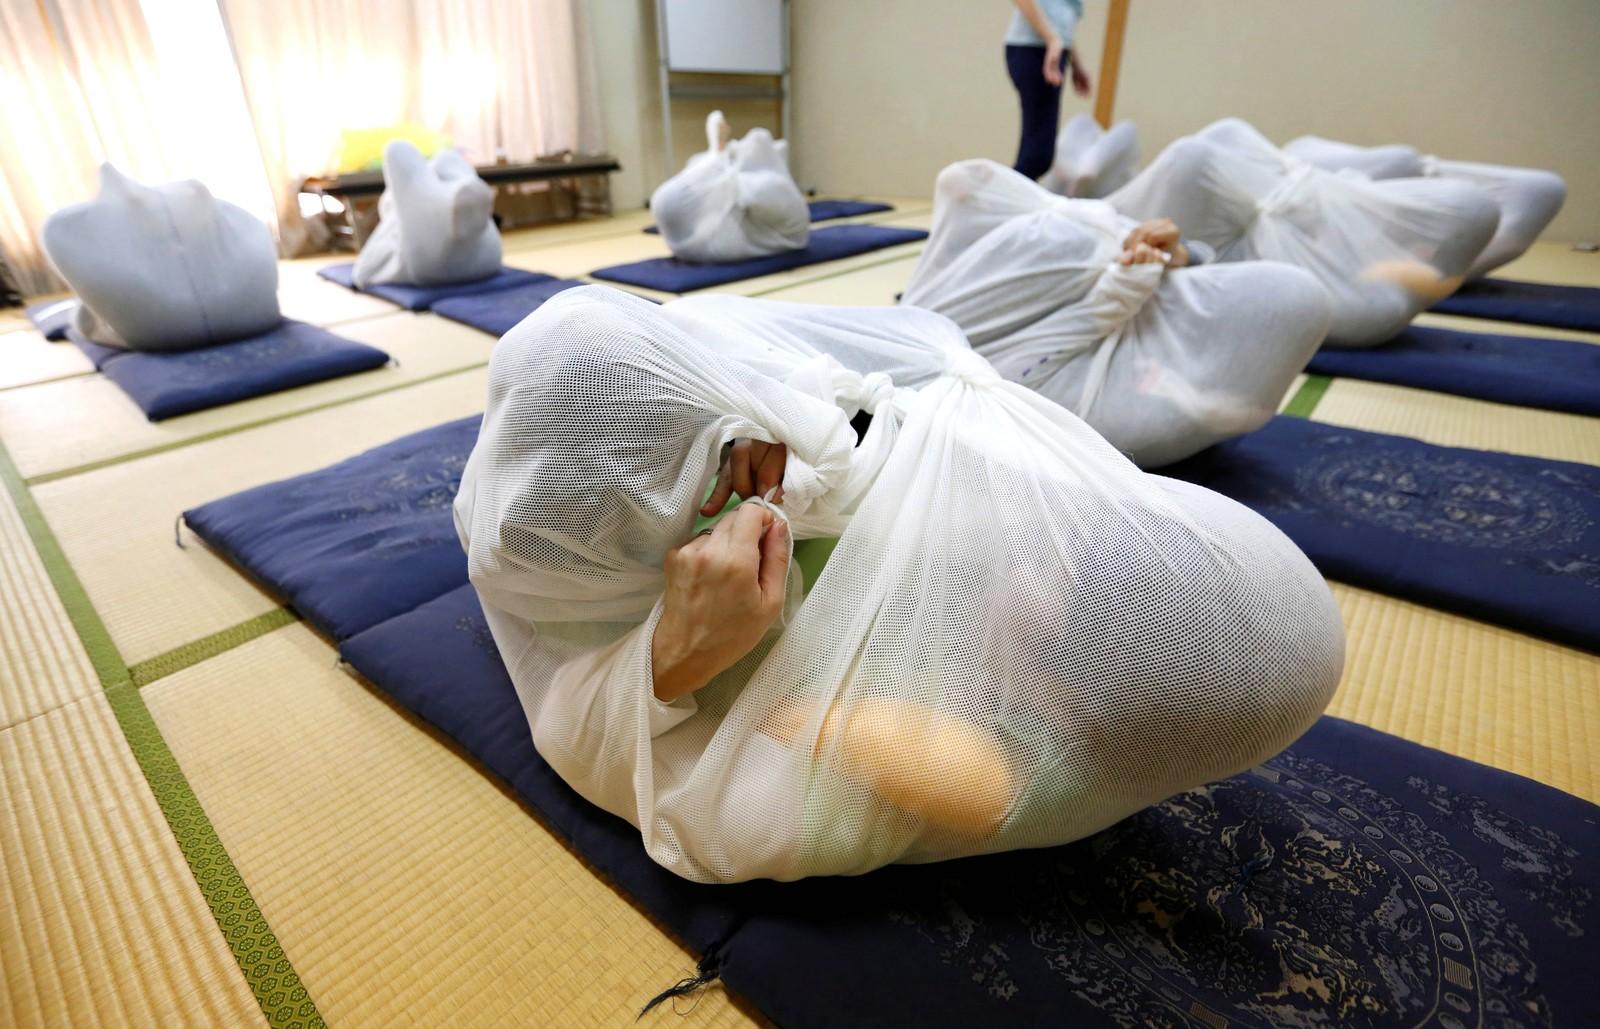 """Dette kalles Otonamaki, som kan oversettes med """"vokseninnpakking"""". Det er en ny form for terapi som skal forbedre holdningen og lindre stivhet i kroppen. Det tror de i alle fall her i Asaka i Japan."""